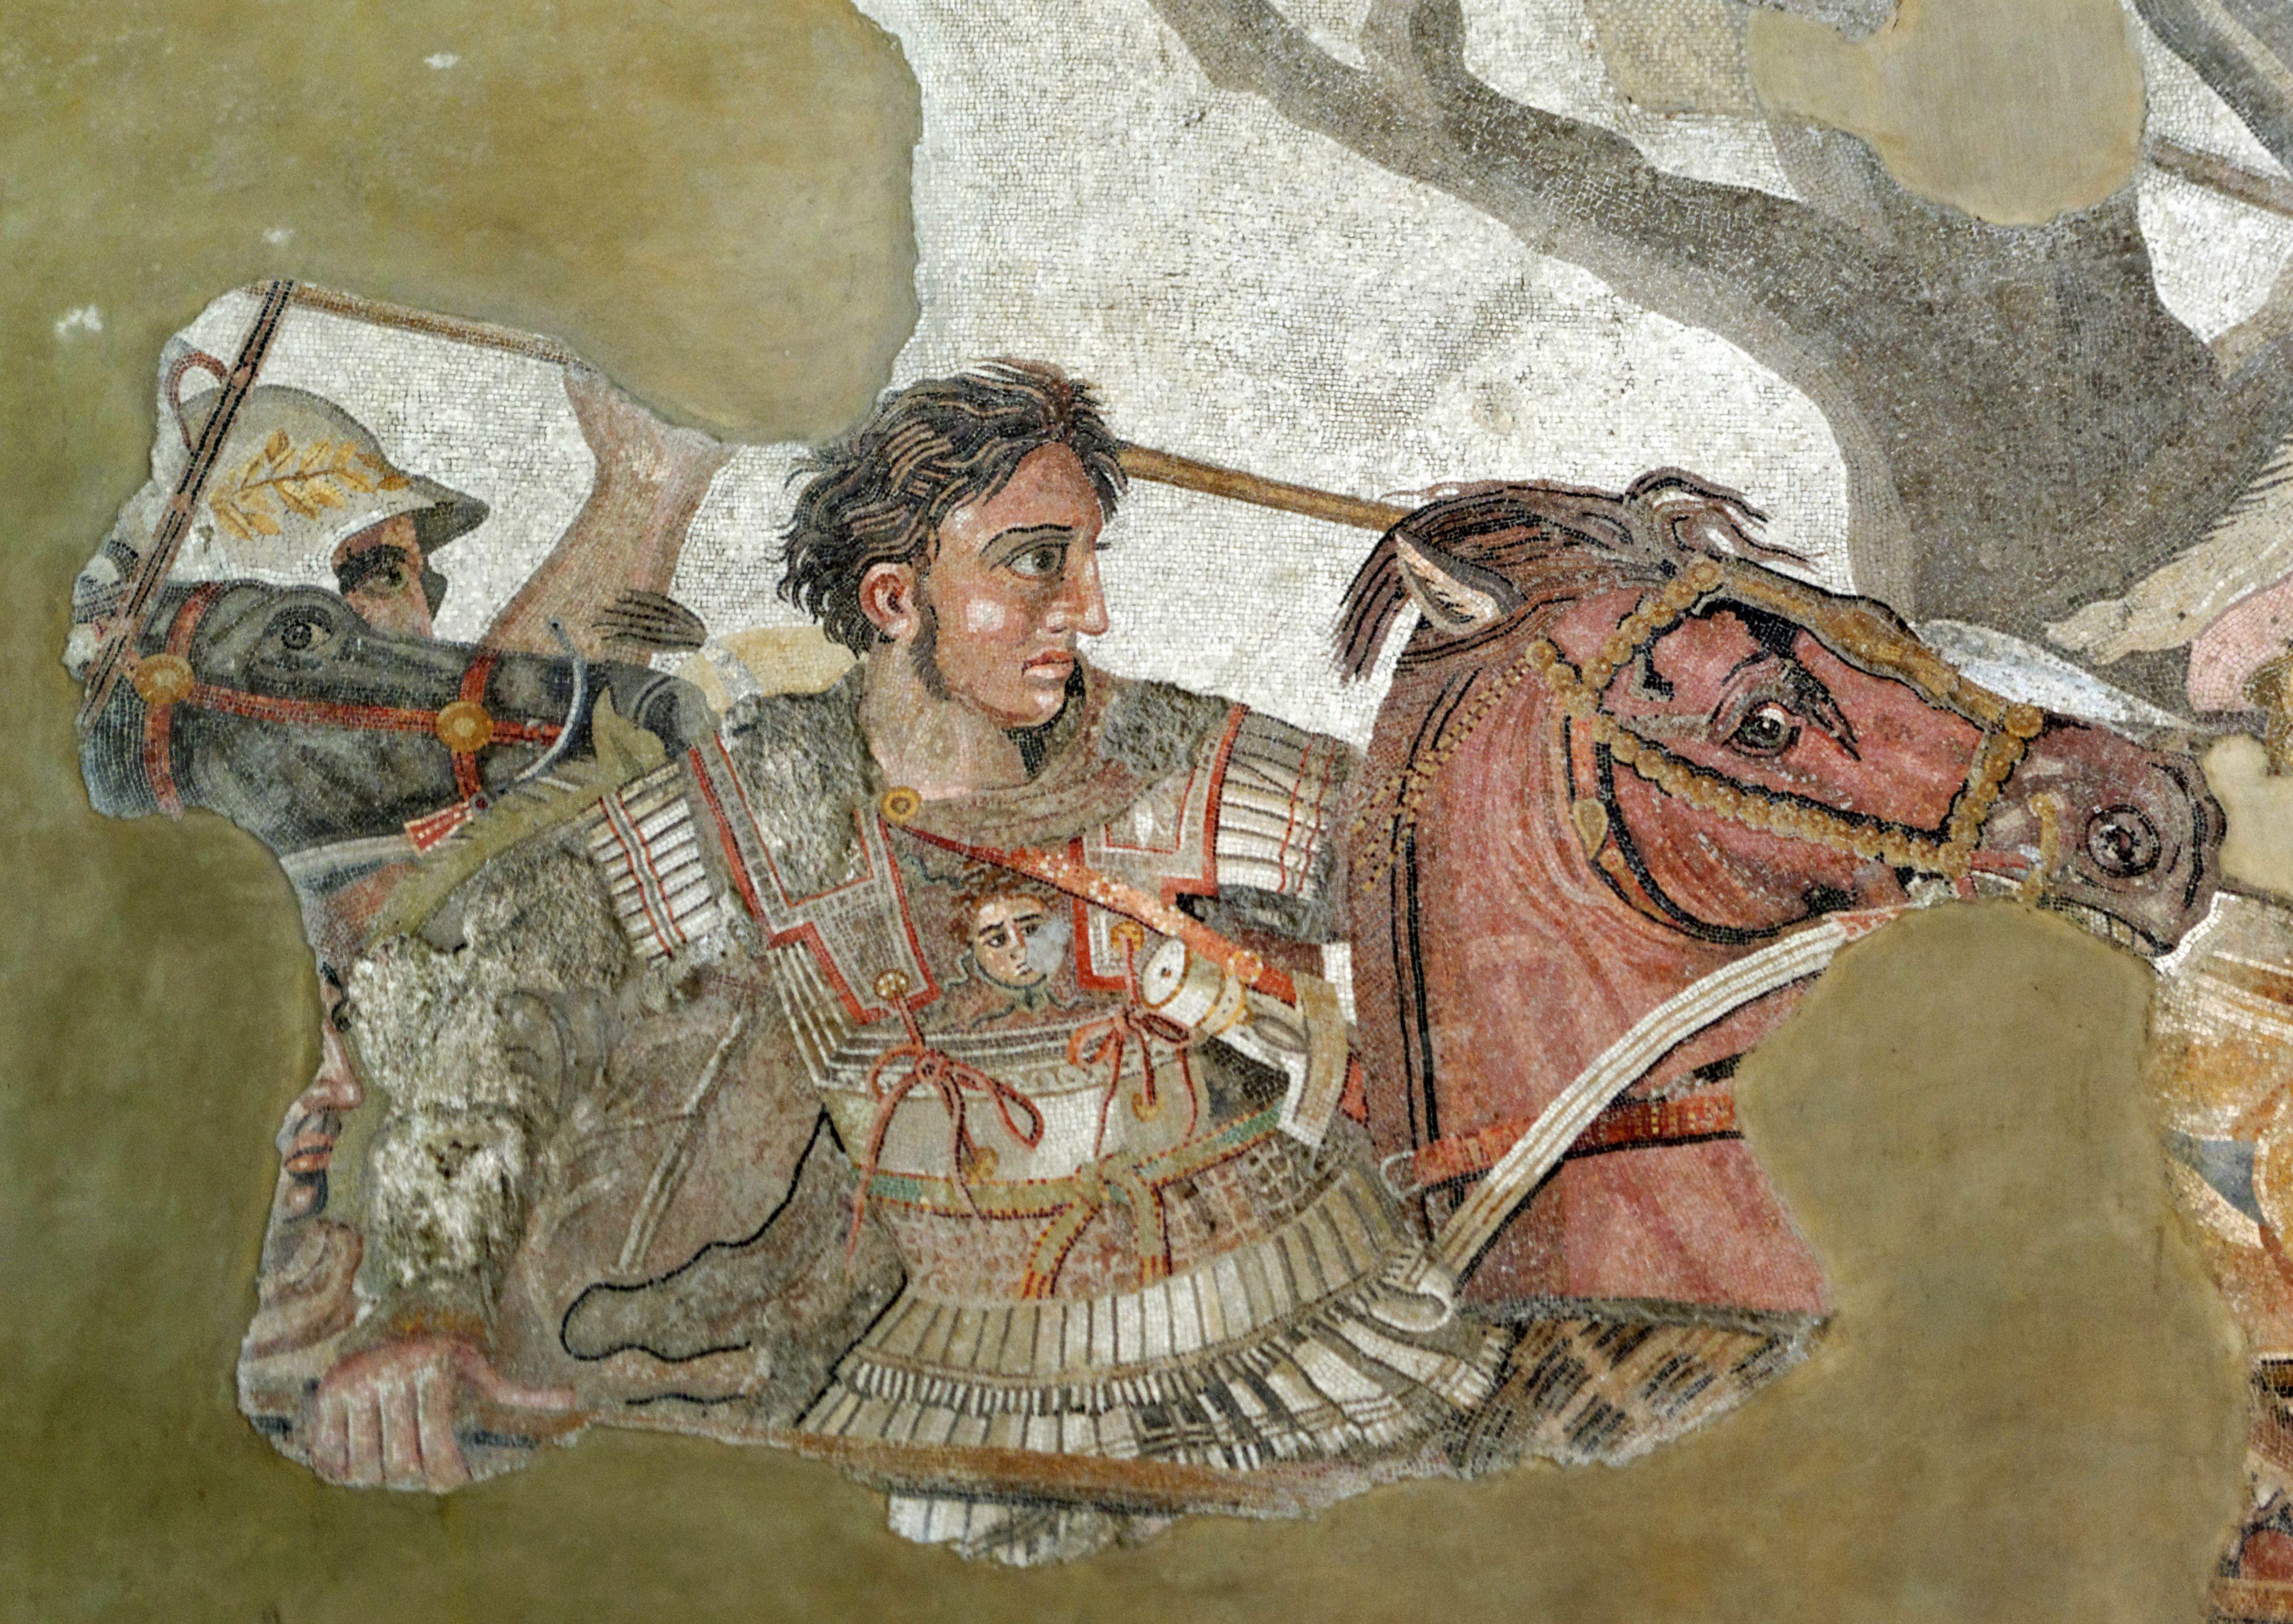 Une cité antique fondée par Alexandre le Grand redécouverte... grâce au conflit en Irak